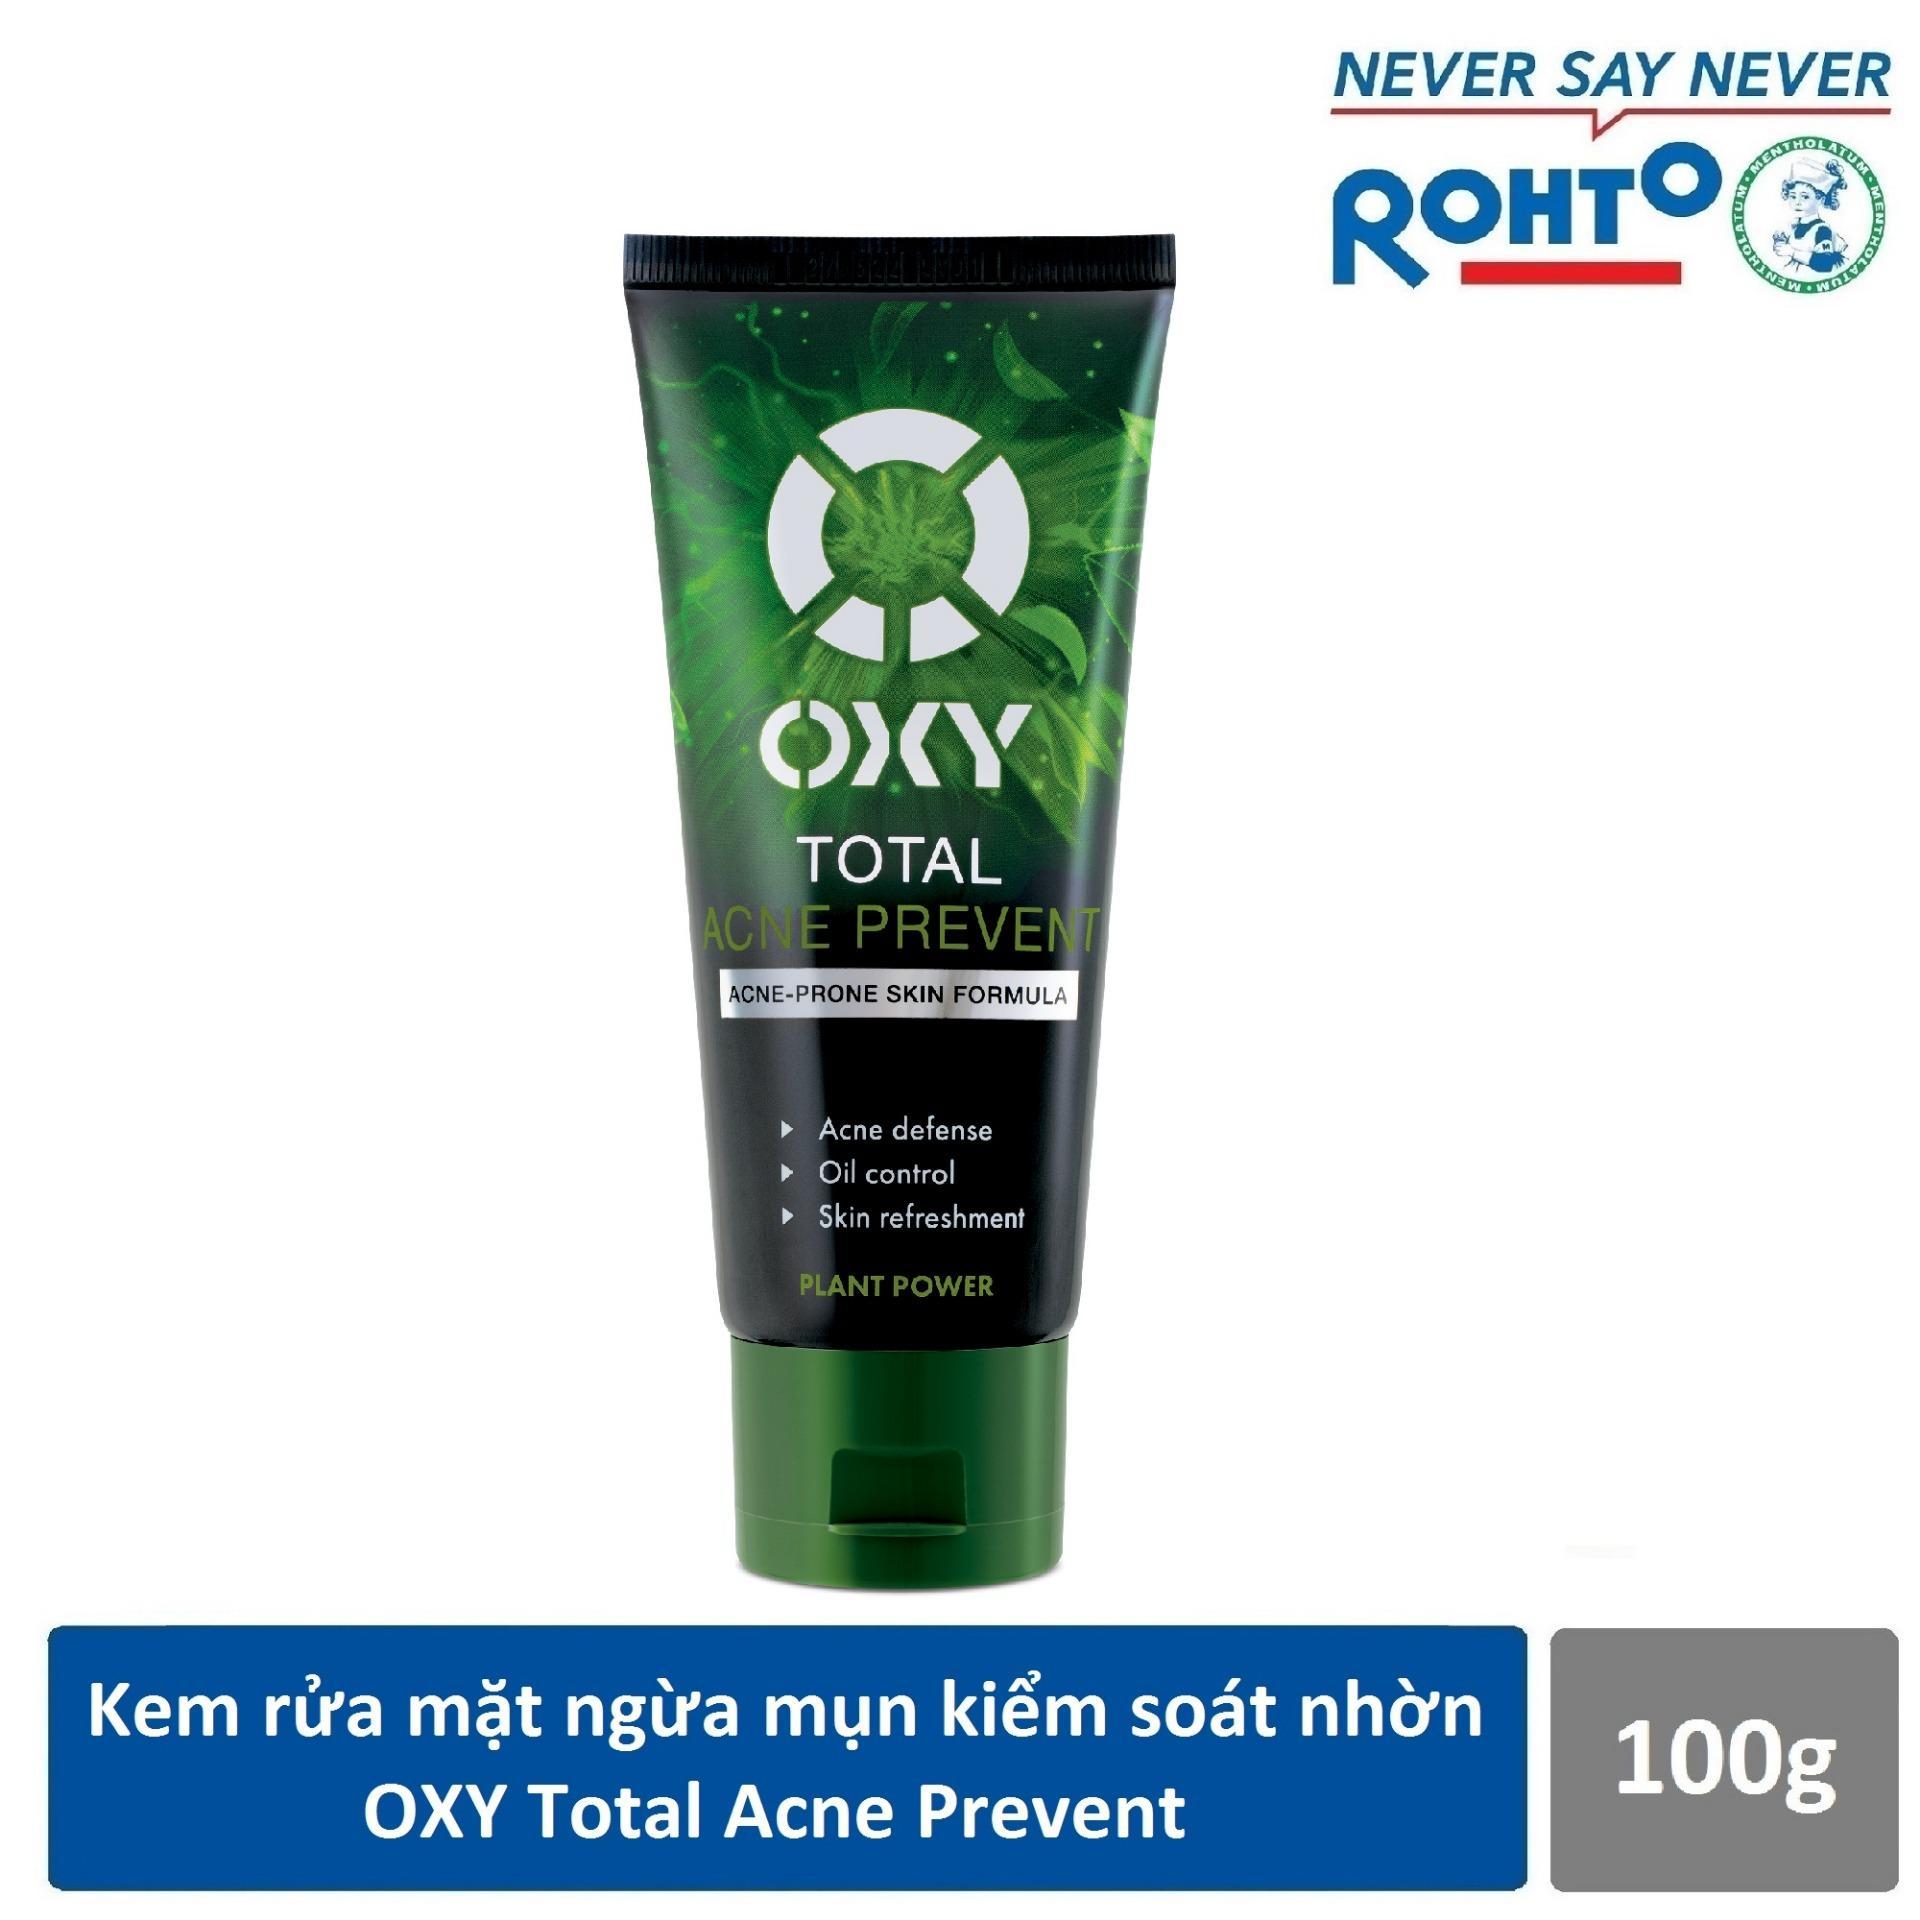 Kem rửa mặt ngừa mụn kiểm soát nhờn OXY Total Acne Prevent 100g cao cấp